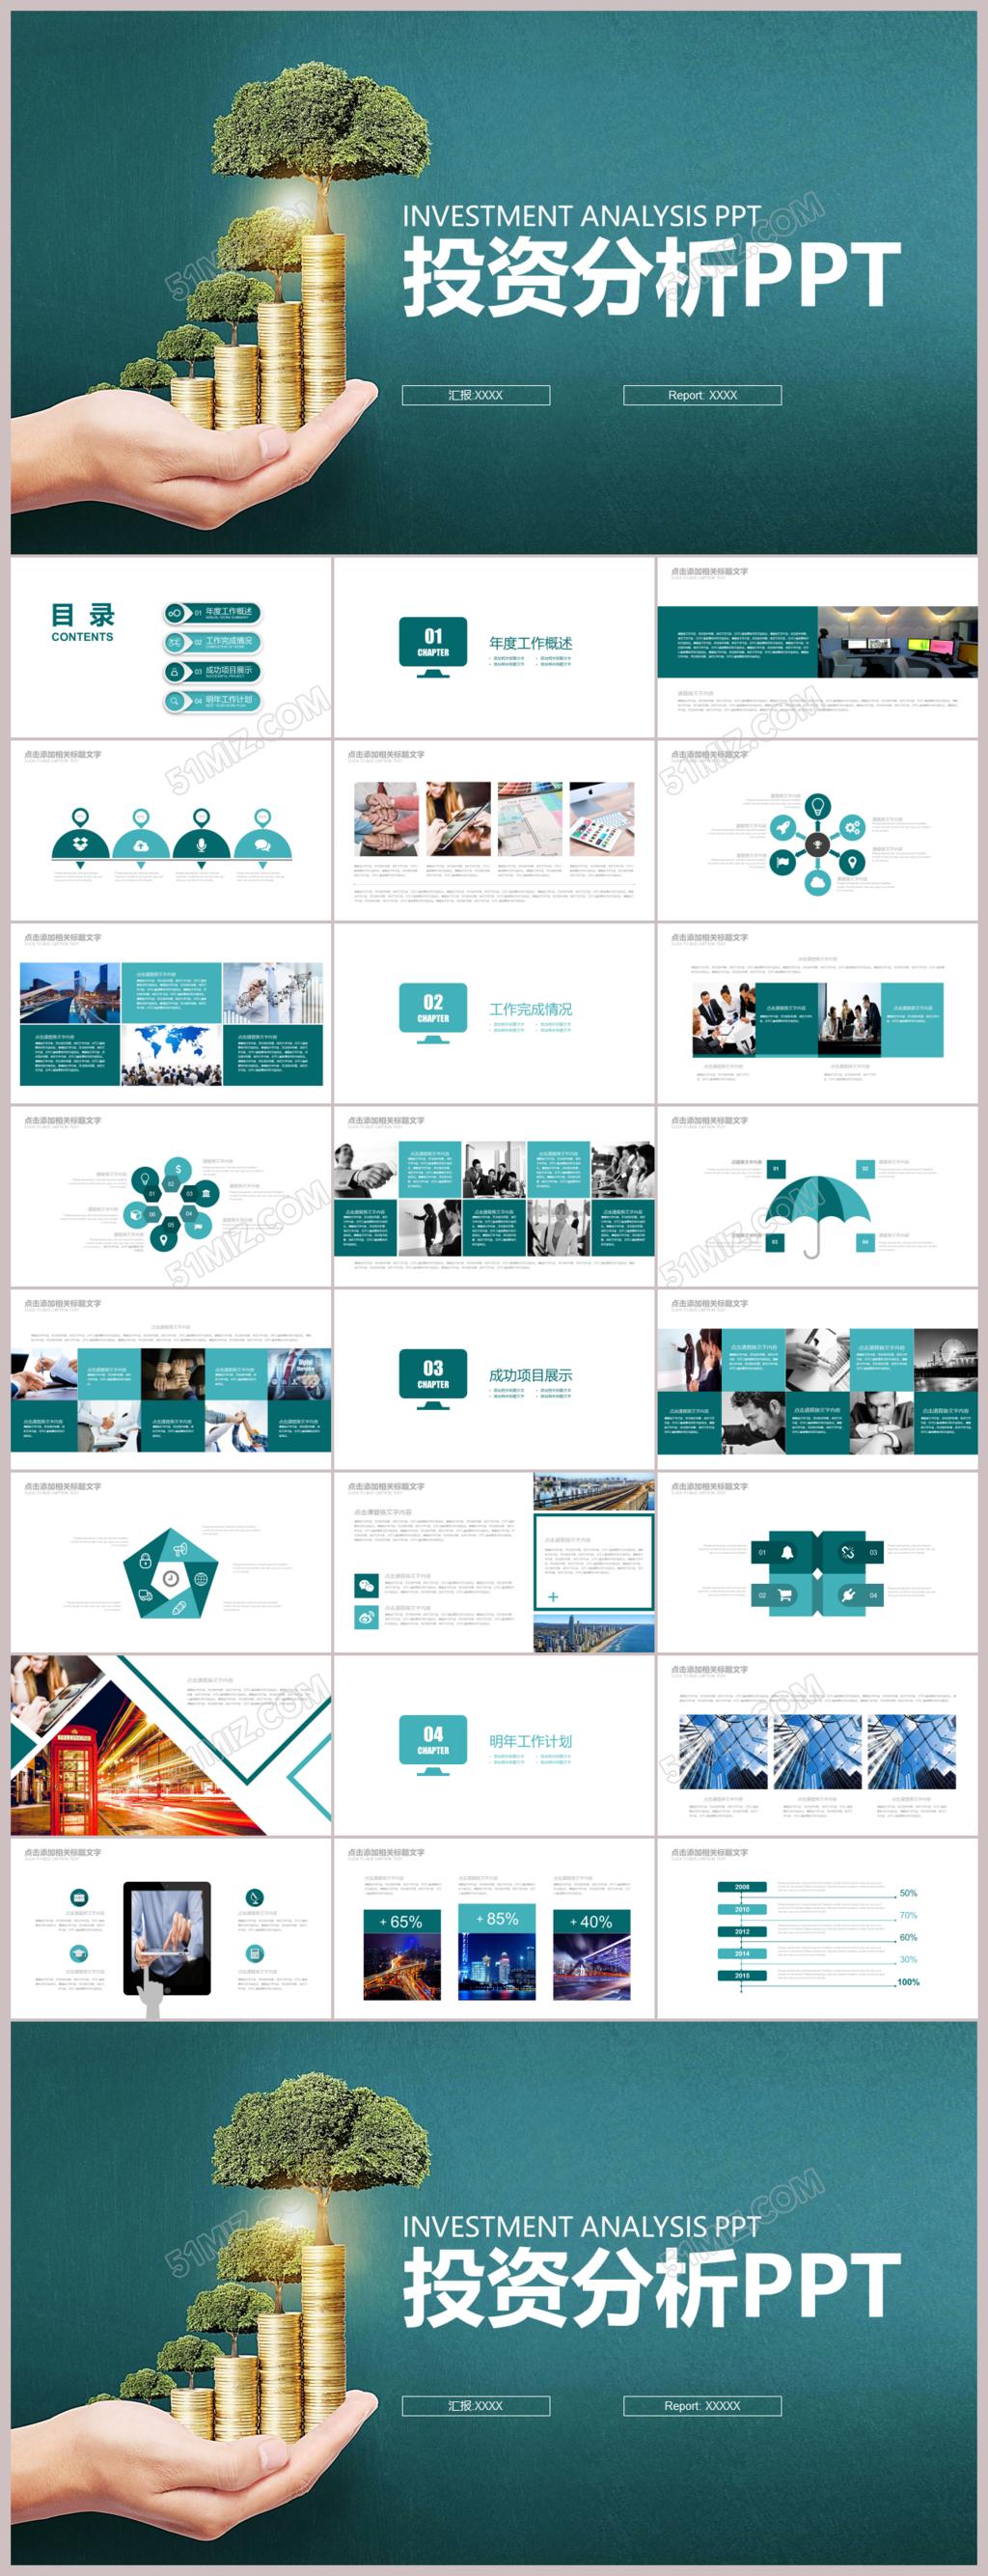 绿色营销案例分析_白绿色投资分析案例分析PPT模板下载 - 觅知网